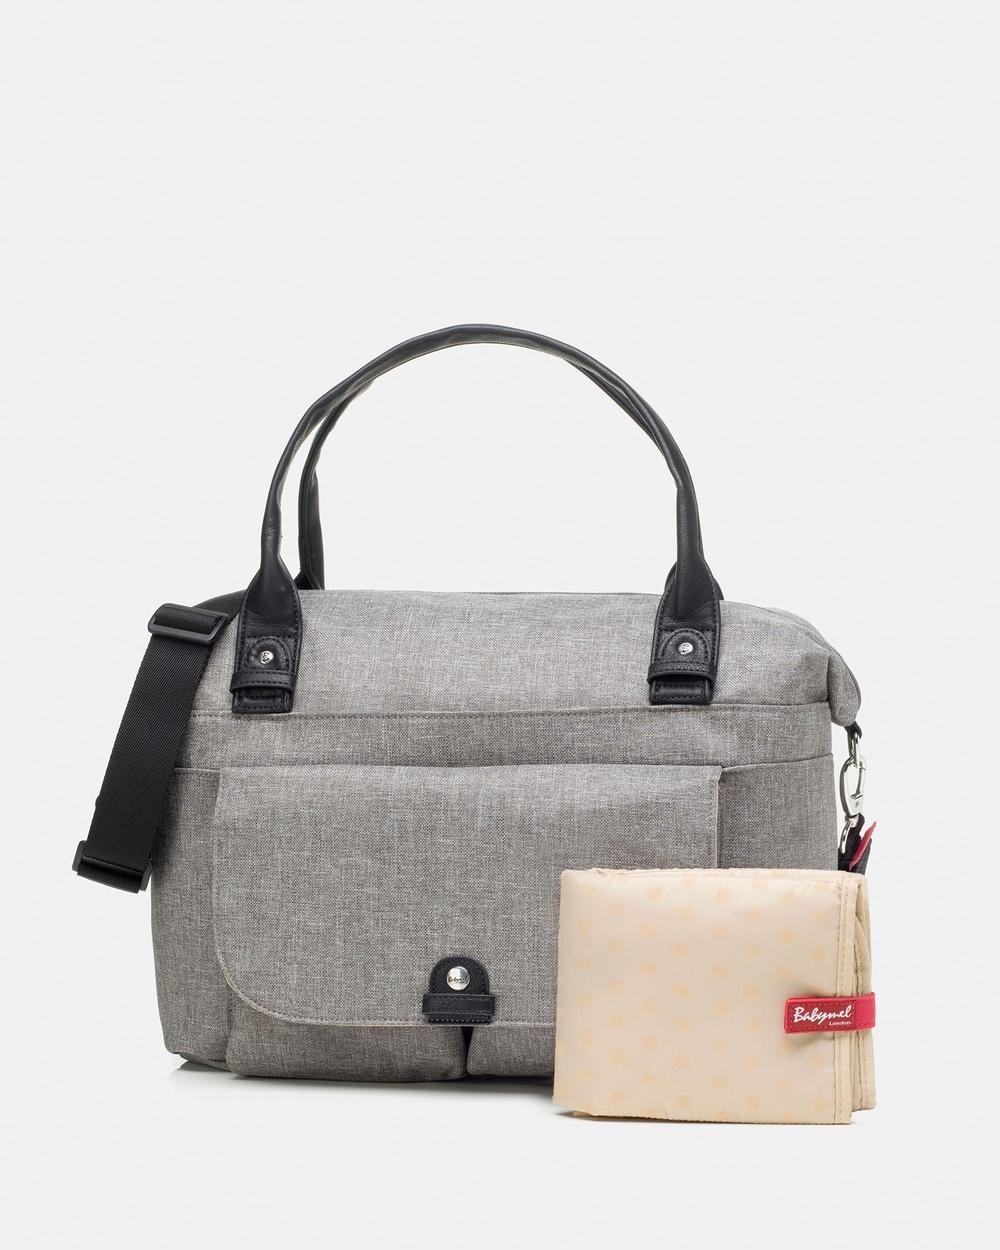 Babymel Jade Nappy Bag Handbags Grey